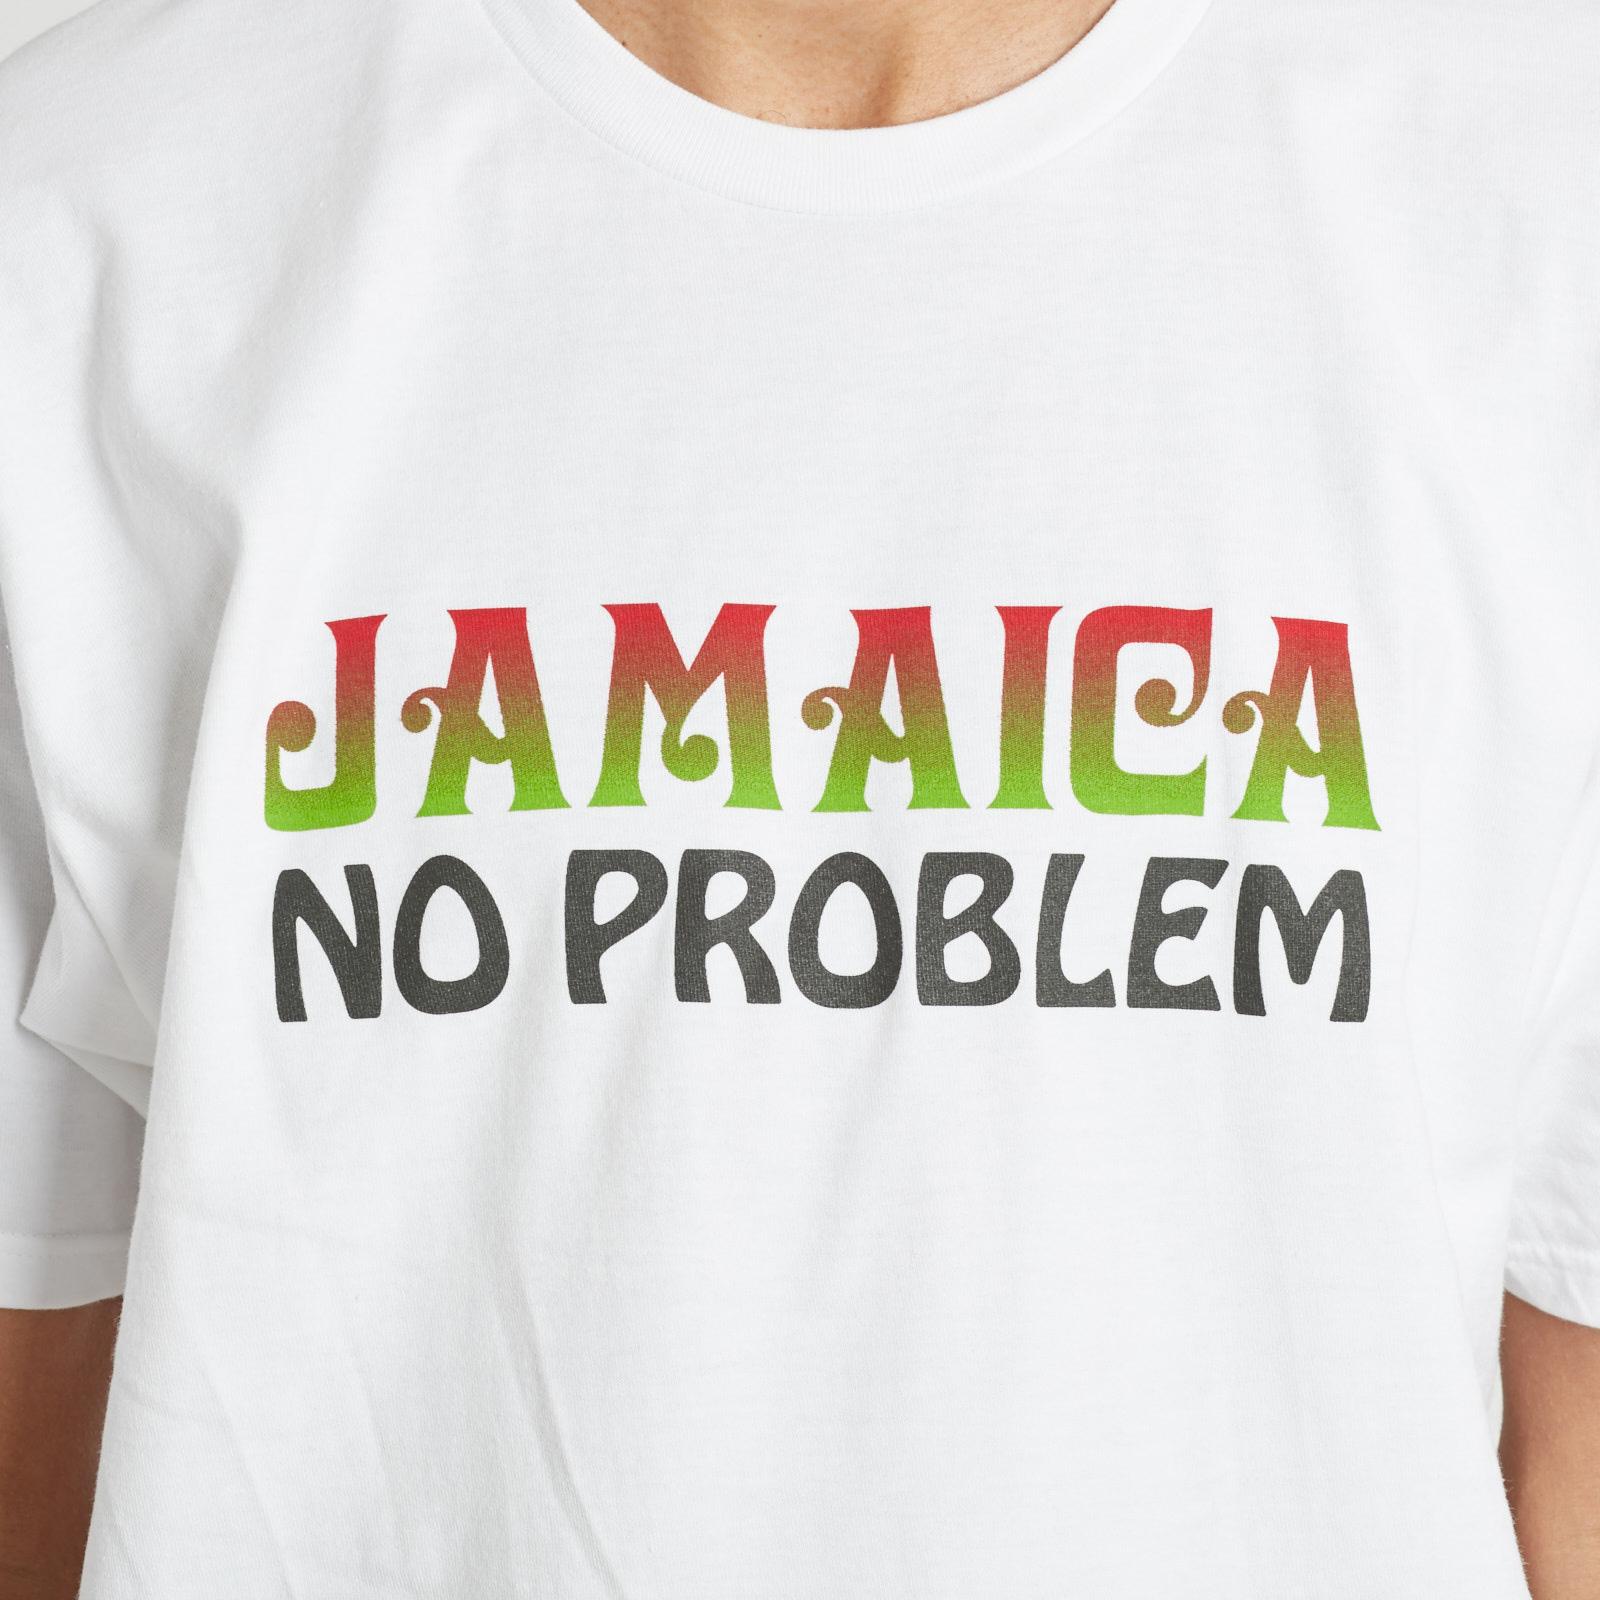 af13bdc4c Stussy Jamaica NP Tee - 1904186-1201 - Sneakersnstuff | sneakers ...